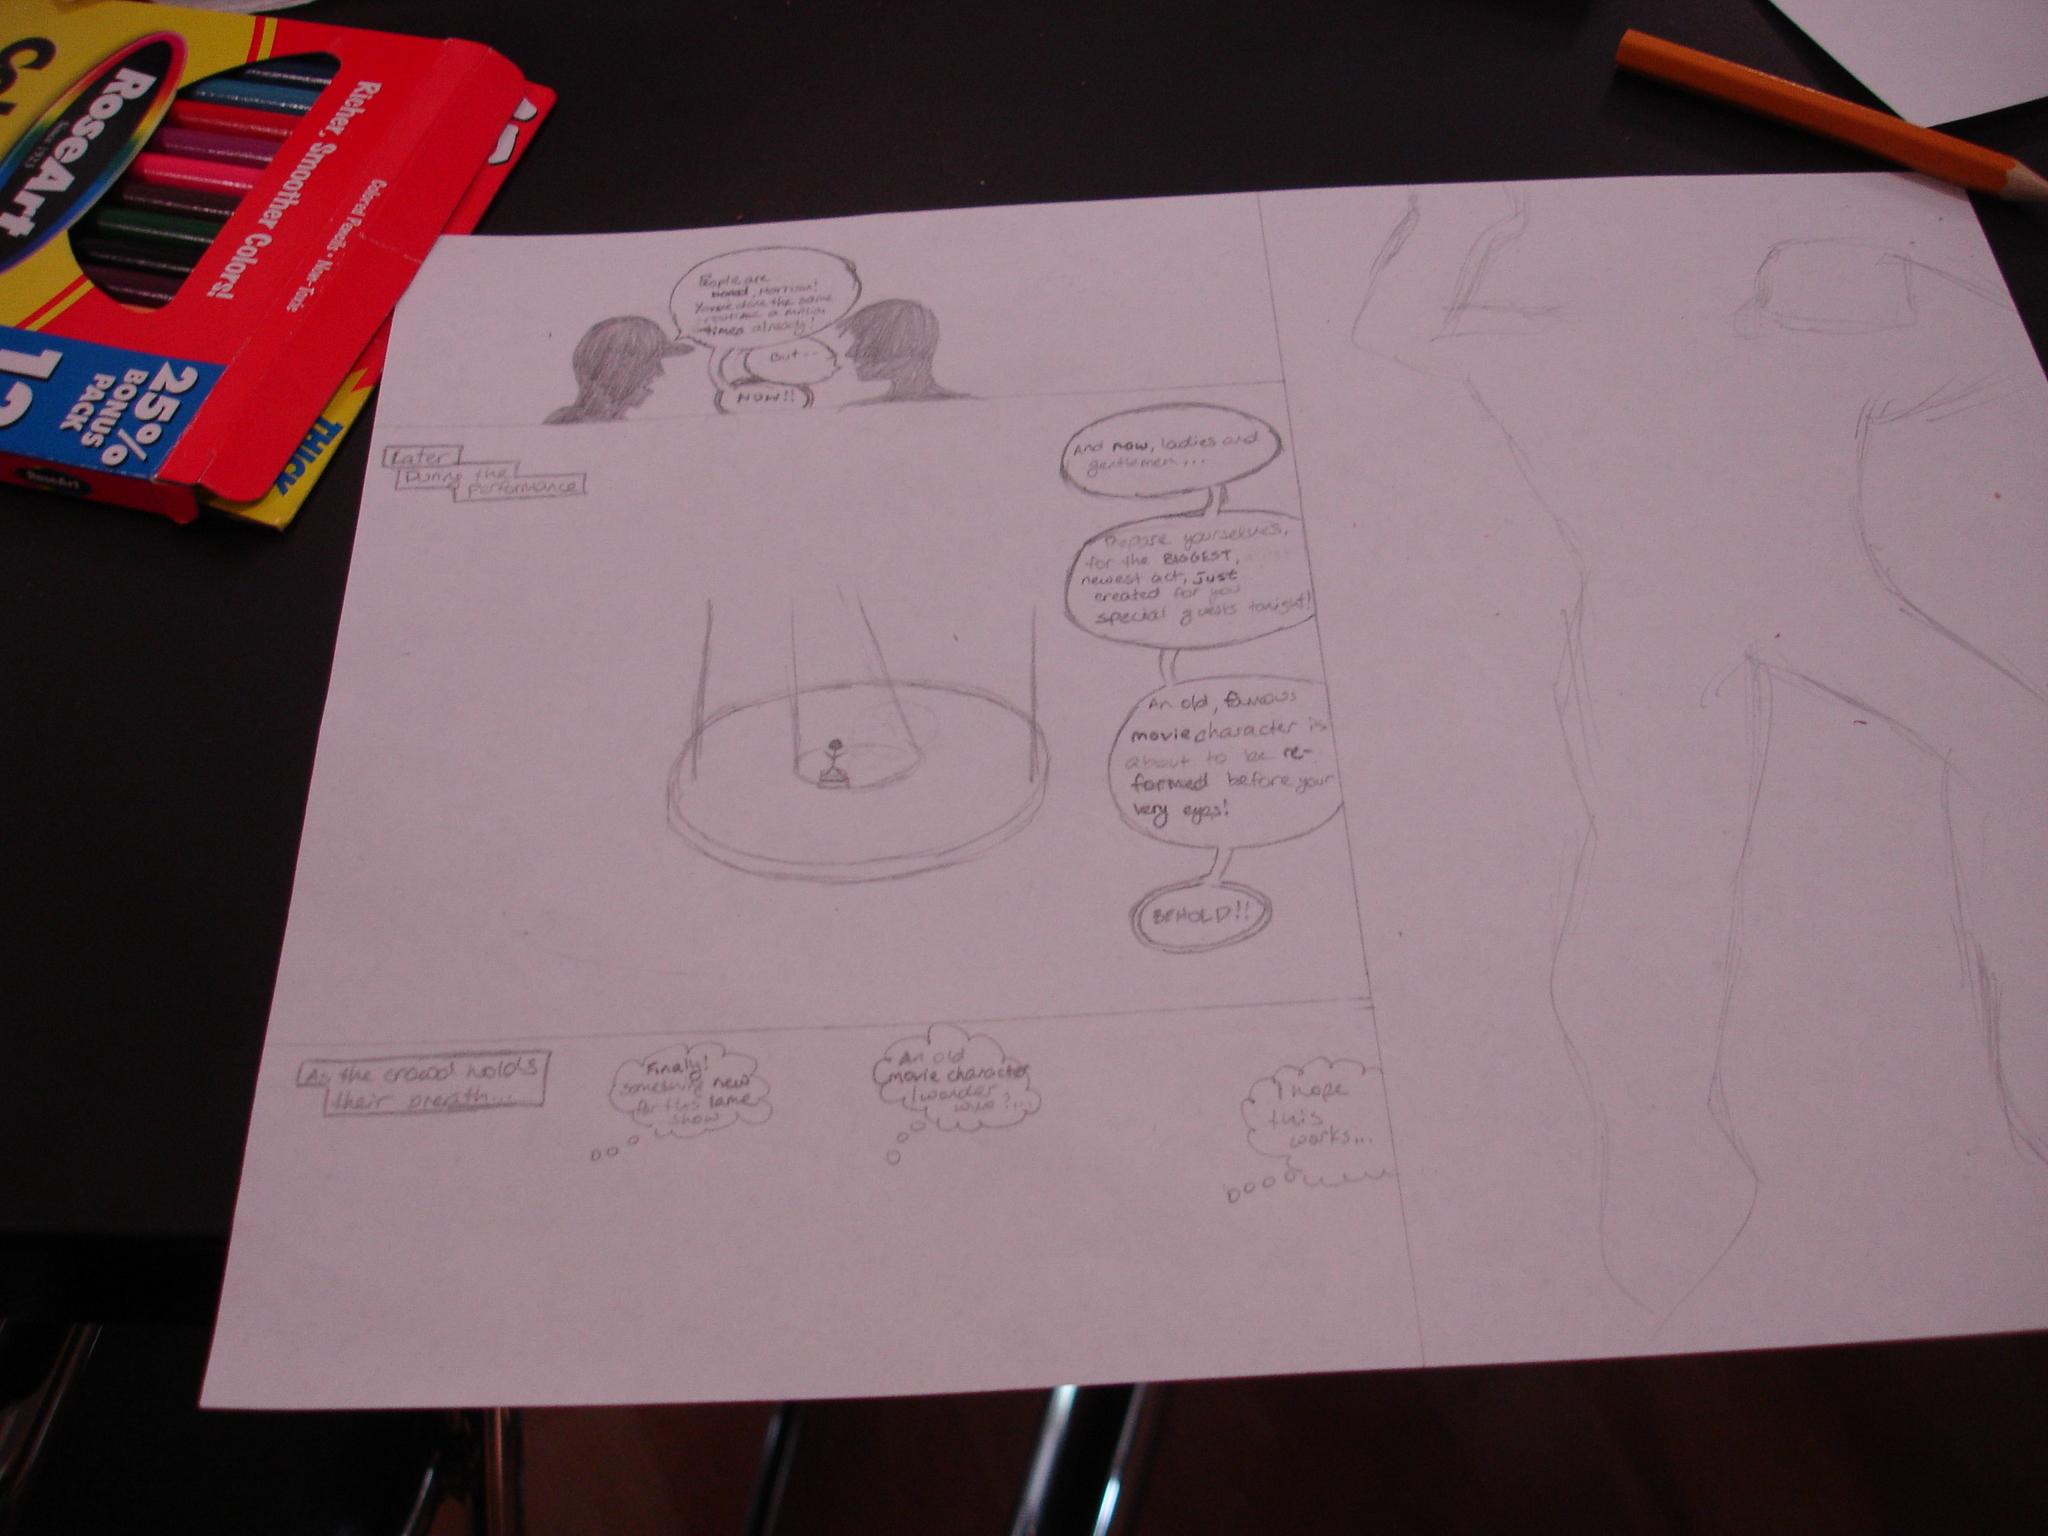 Amanda R-K's comic